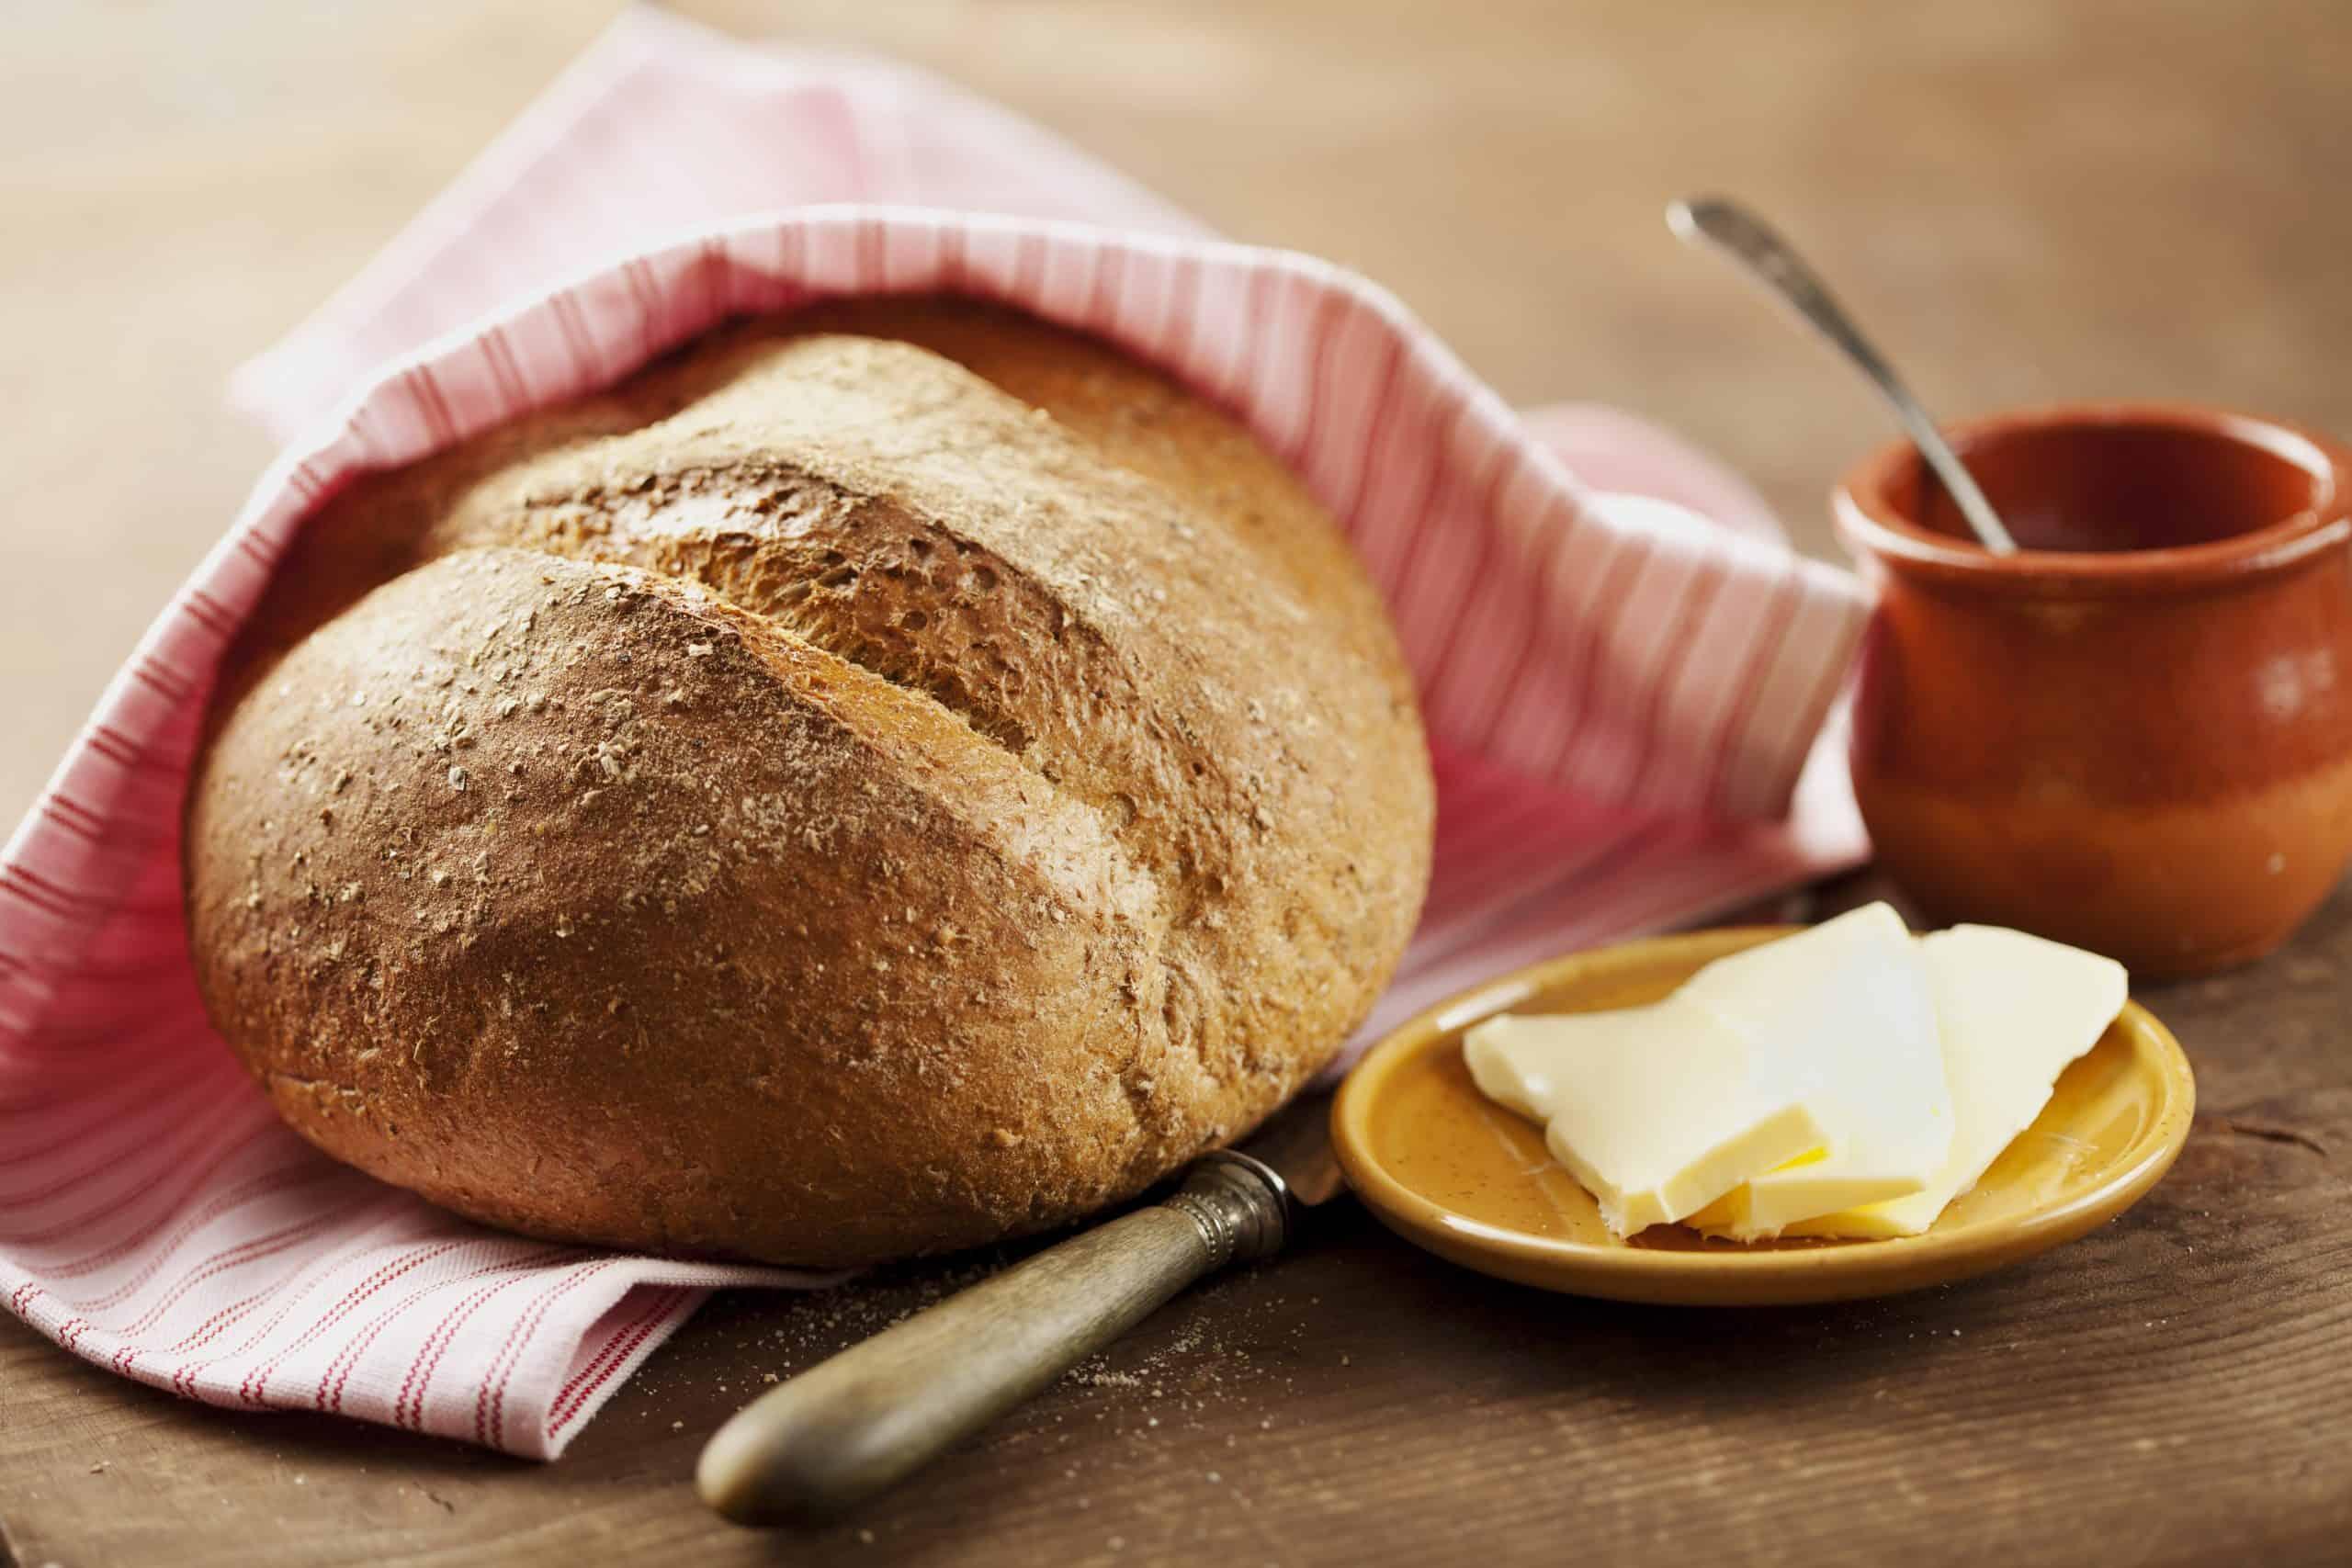 Kako napraviti kruh kao iz pekare